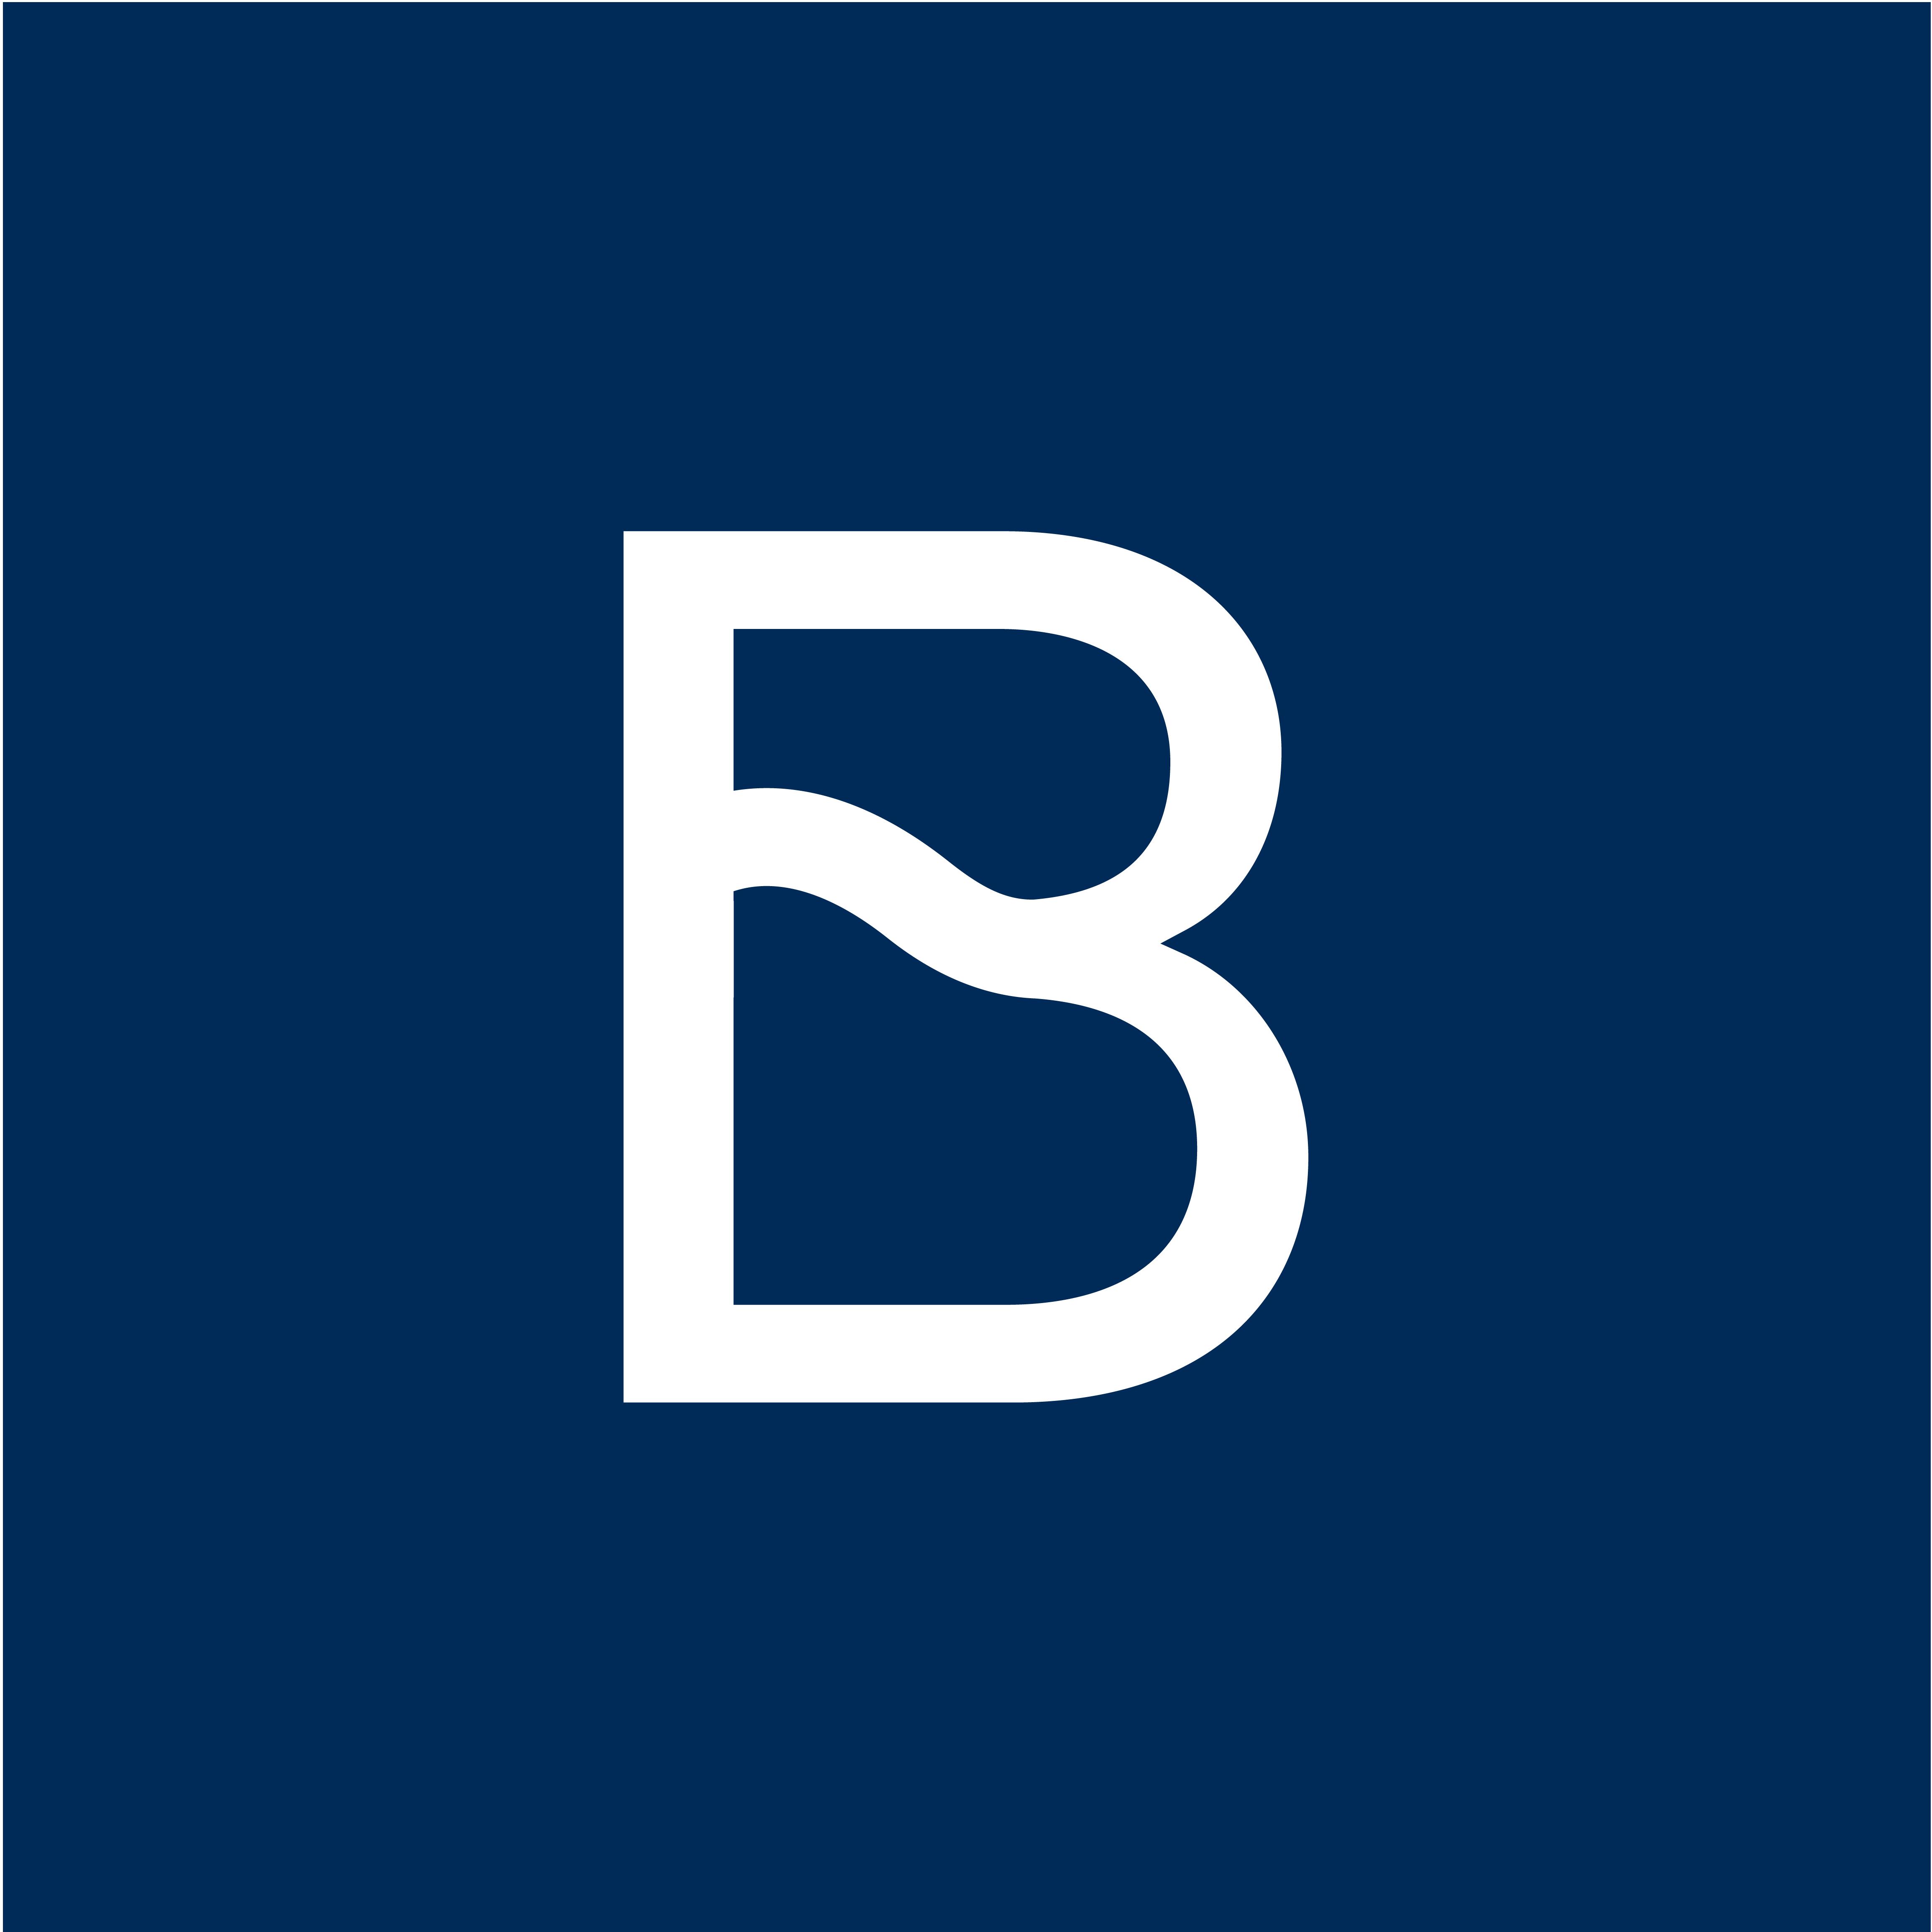 Blaamyra symbol 3 03